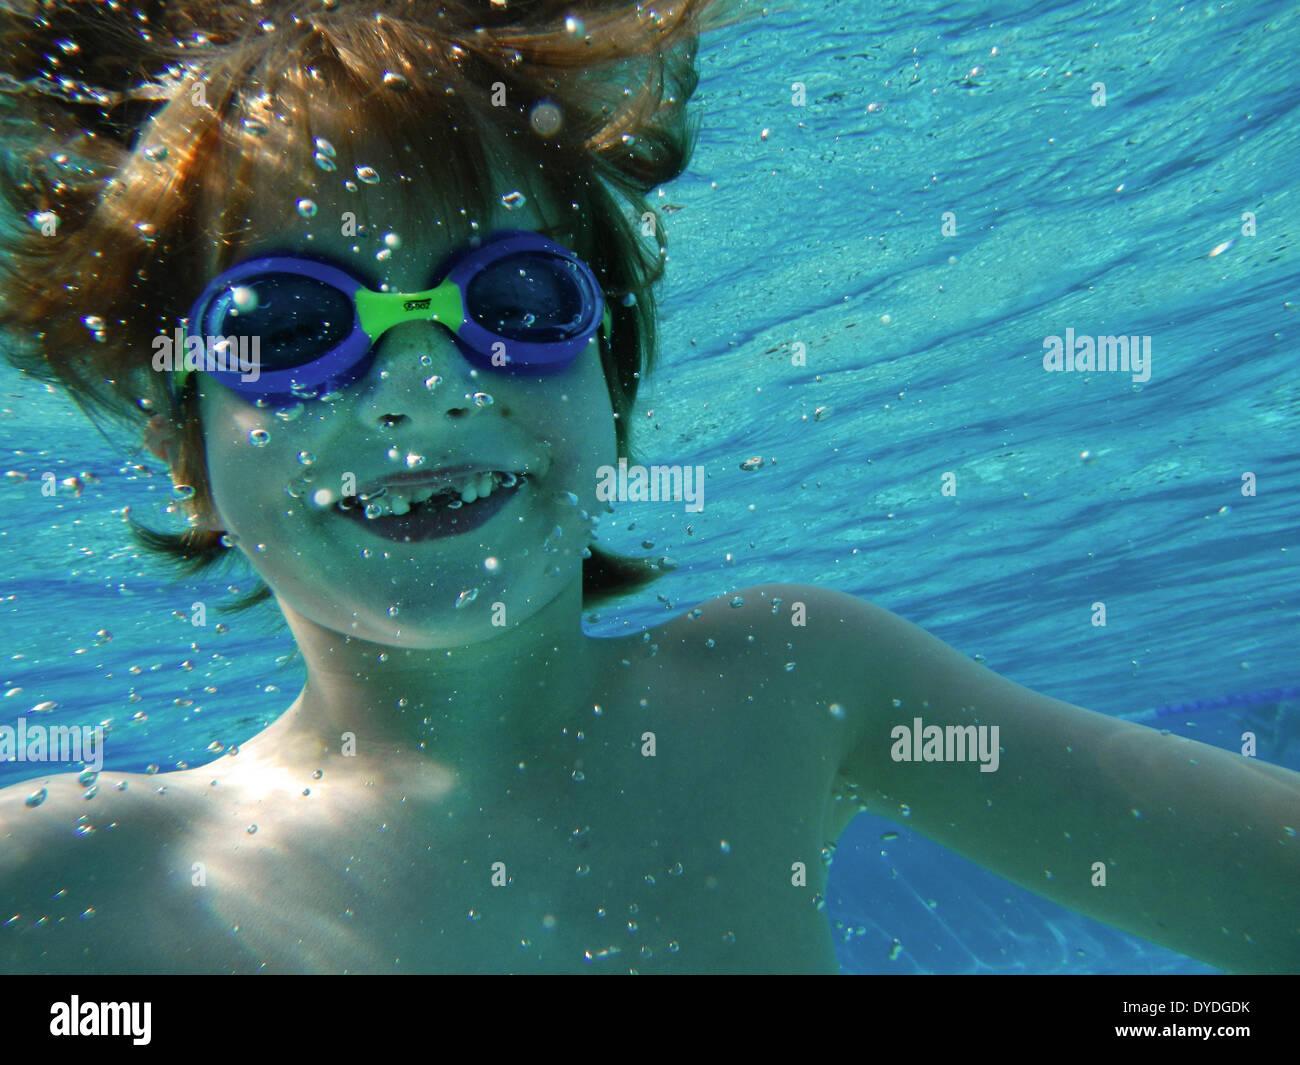 Los siete años de edad bajo el agua. Imagen De Stock